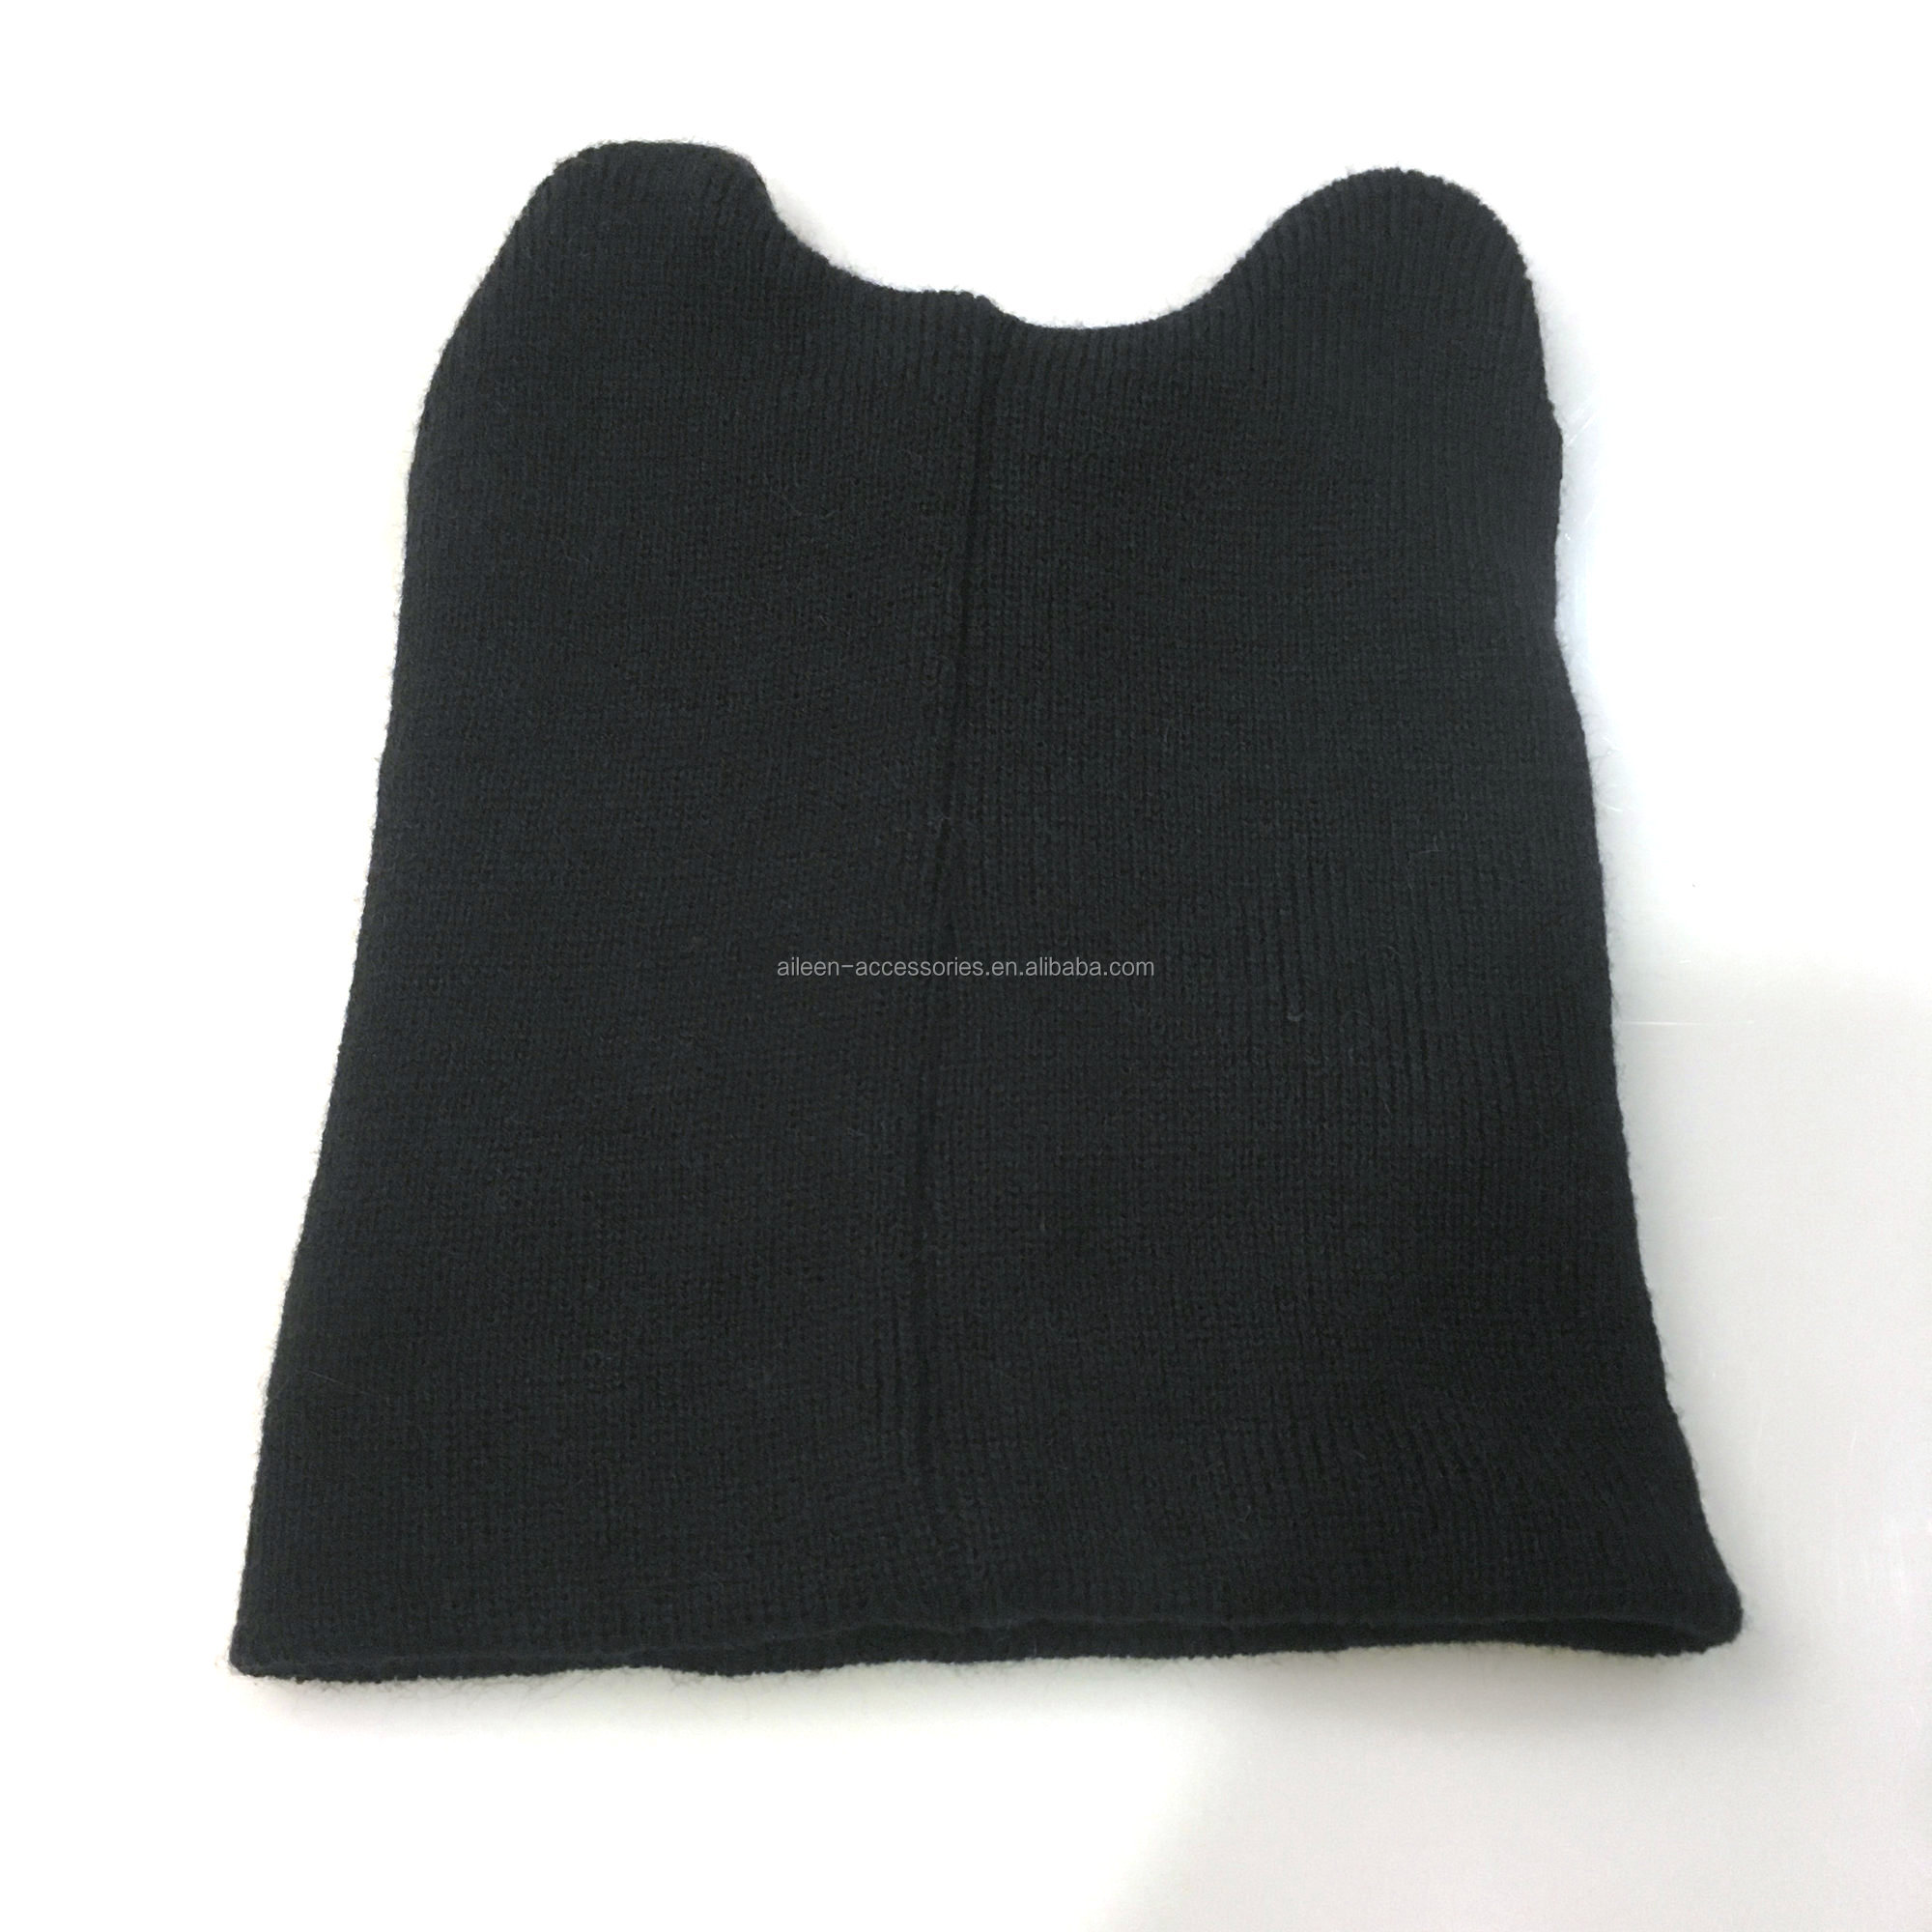 594962eeb0f Unique Geek Pig Cuff Beanie Winter Knit Ski Hat For Boys - Buy Ski ...